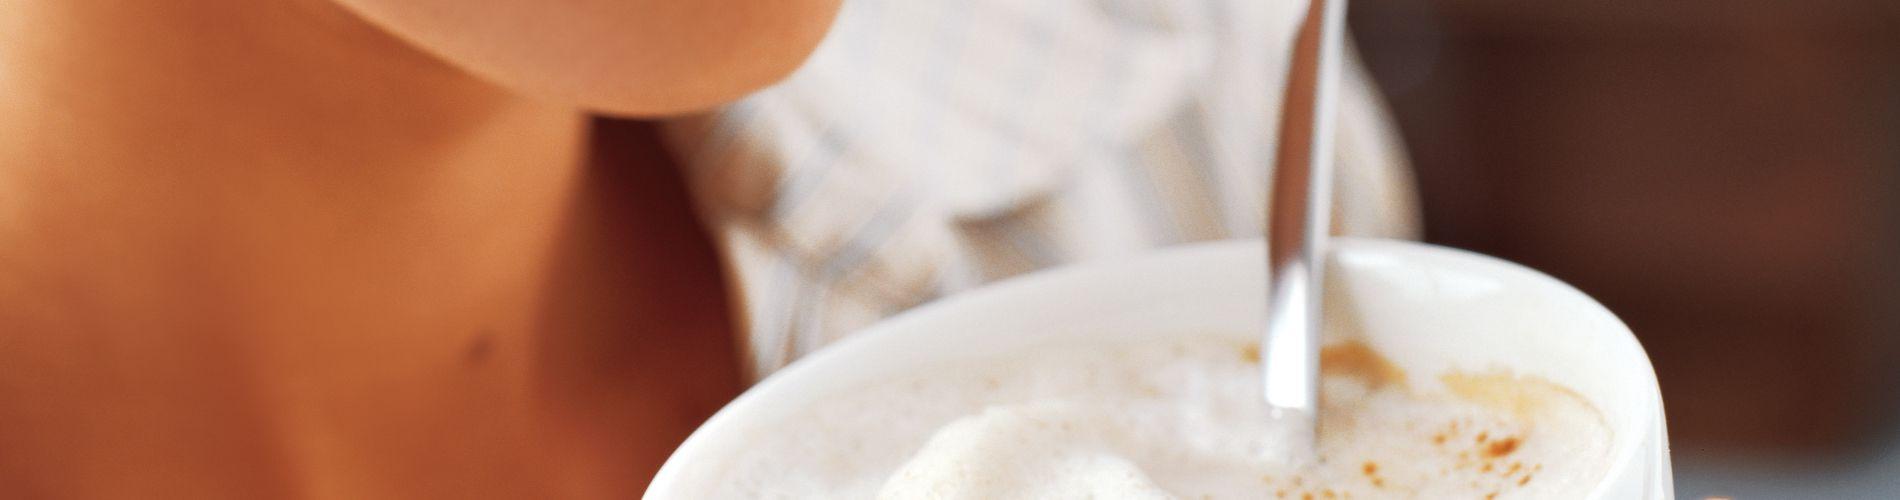 Kaffee & Dessert